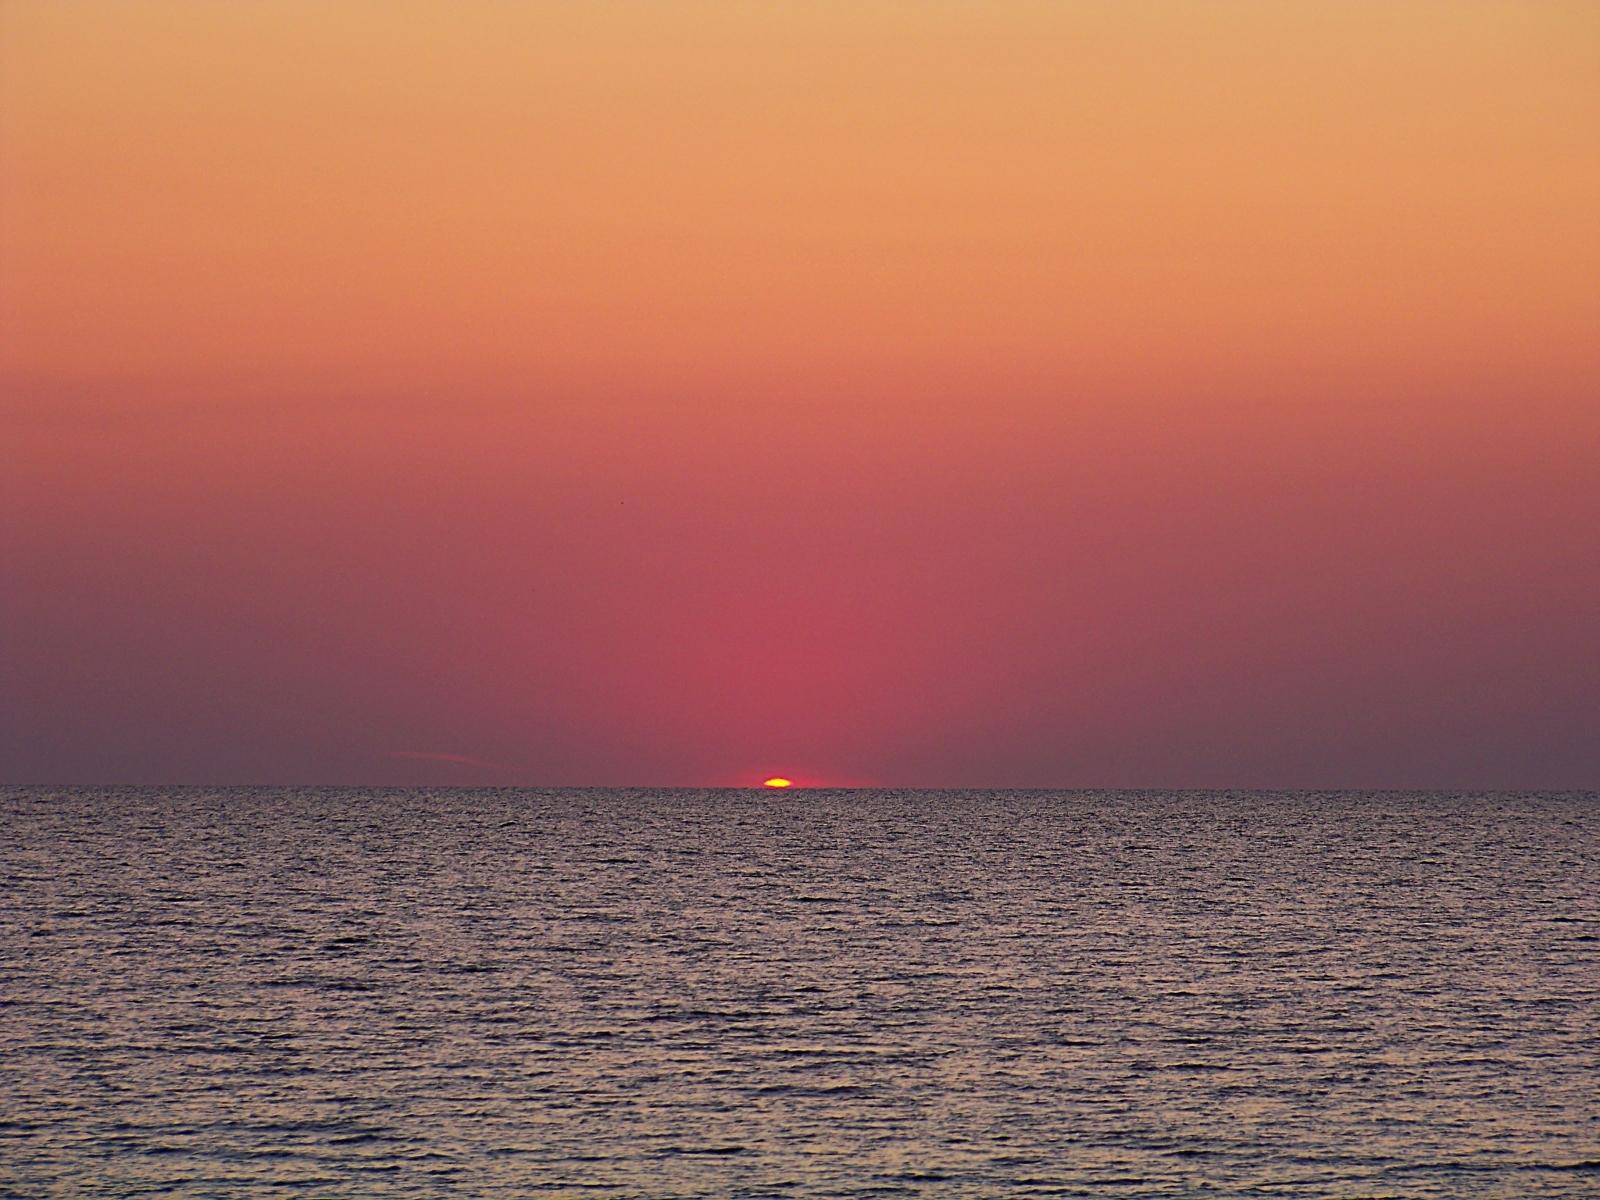 3399 скачать обои Пейзаж, Вода, Закат, Небо, Море, Солнце - заставки и картинки бесплатно